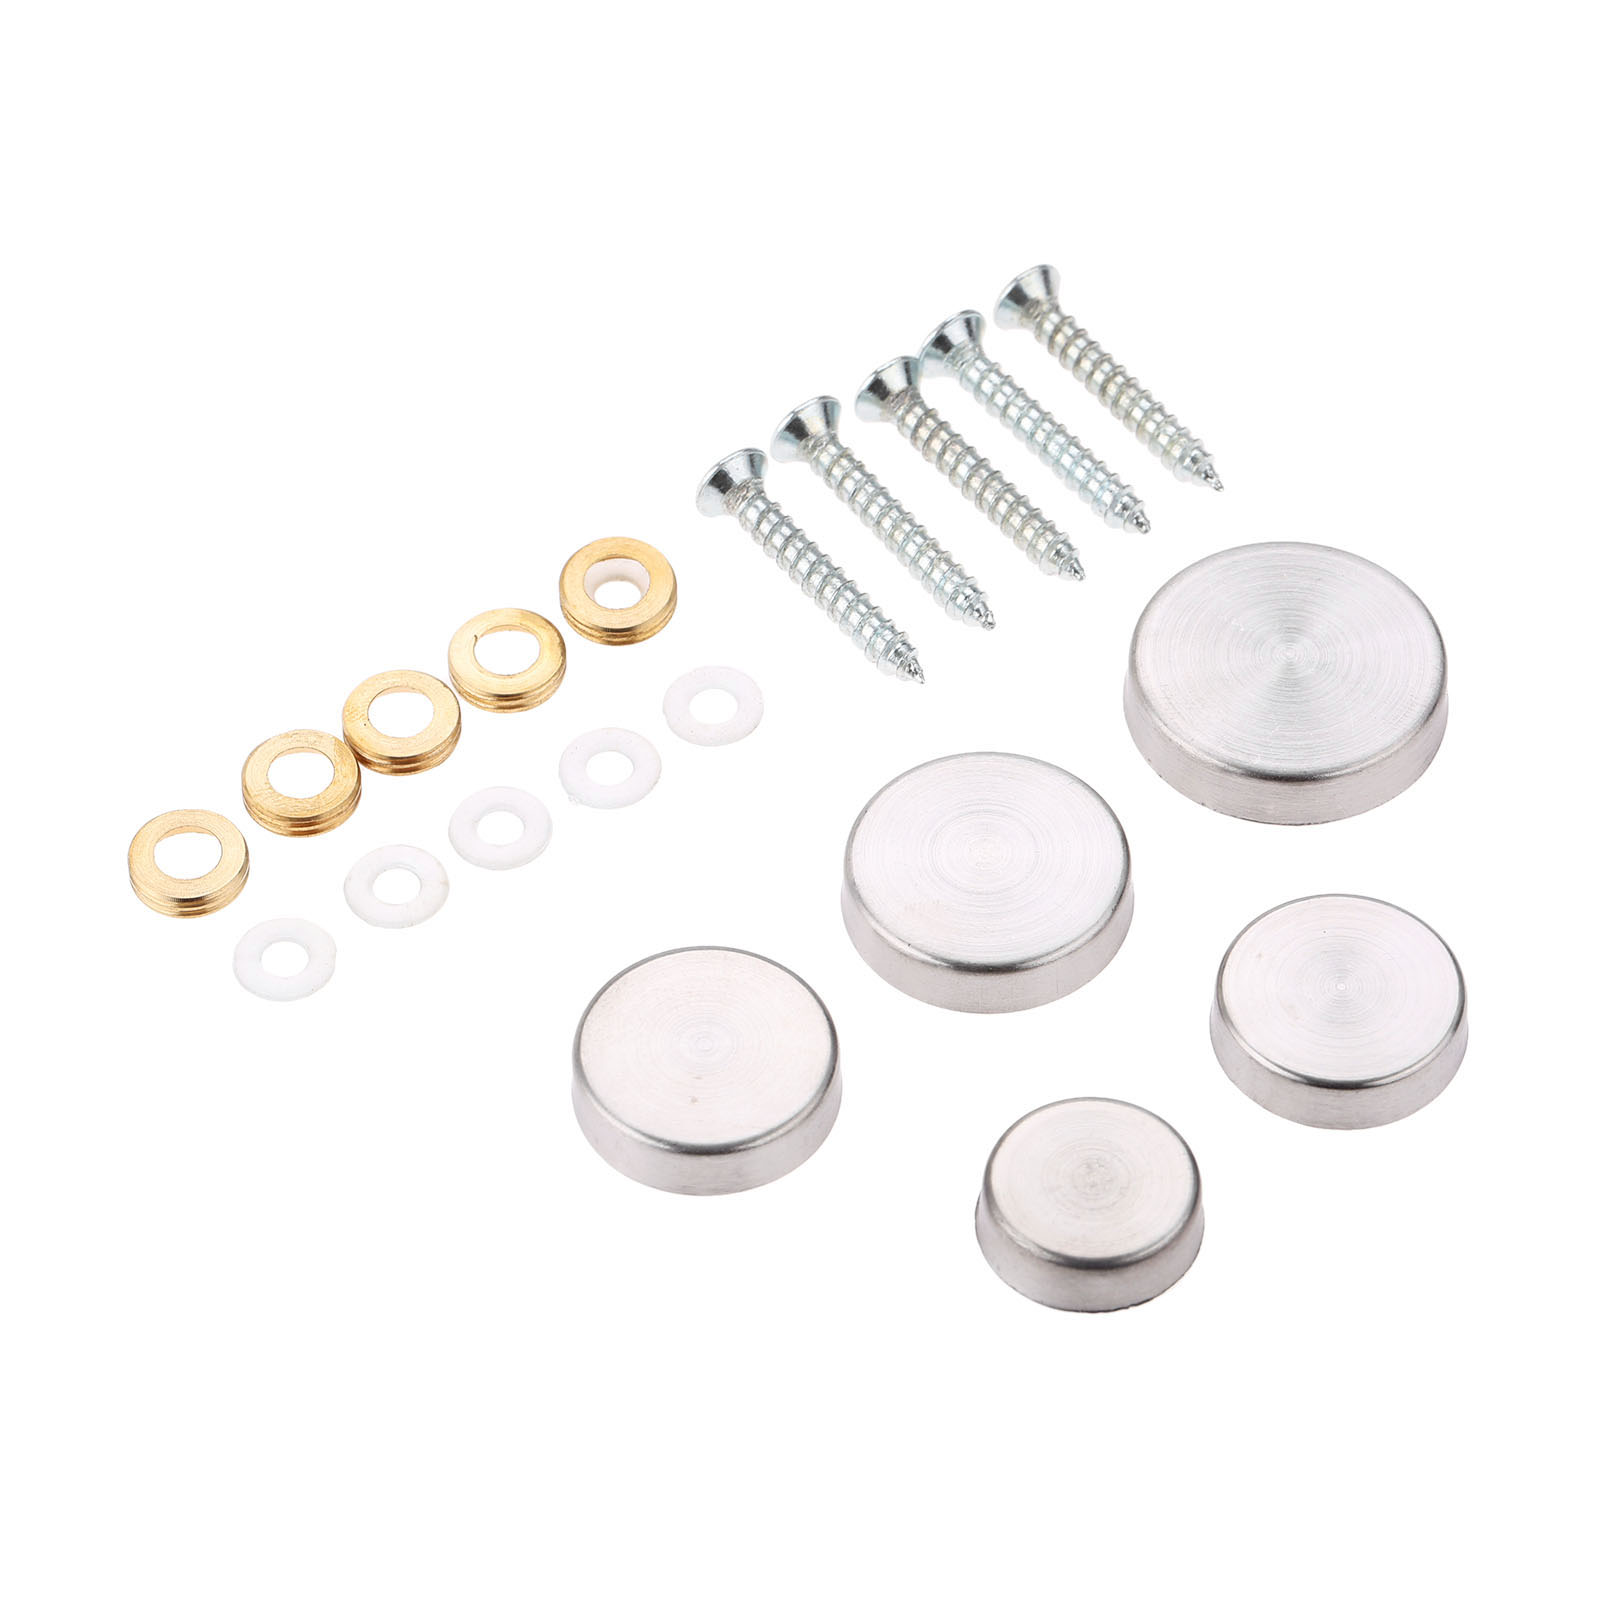 Tornillos de espejo plata 4 unidades di/ámetro de 15 mm tapones de aluminio para u/ñas decorativas de espejo